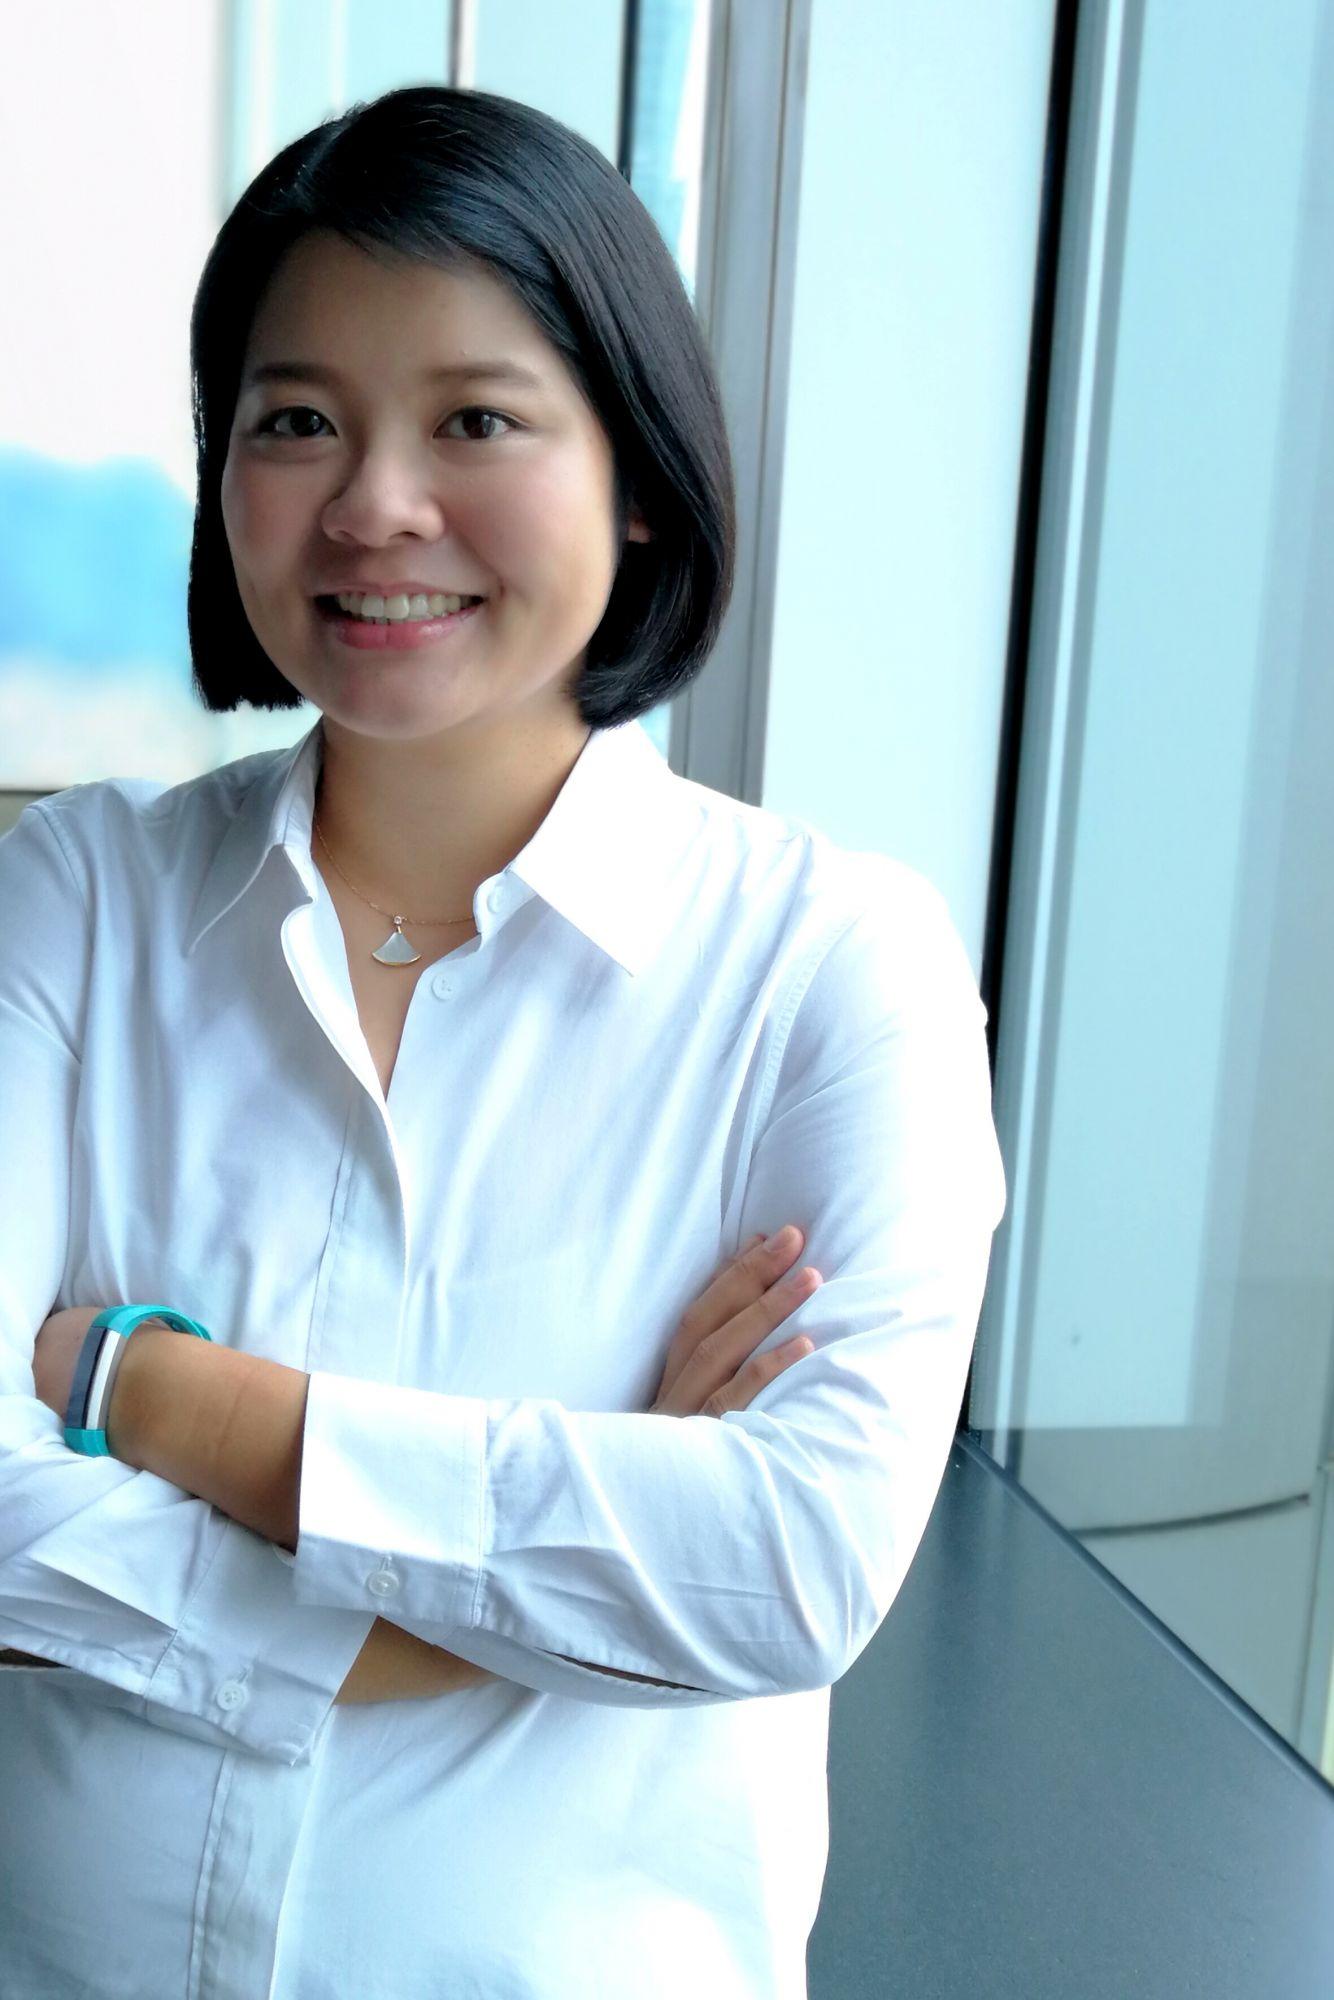 Janice Chiao